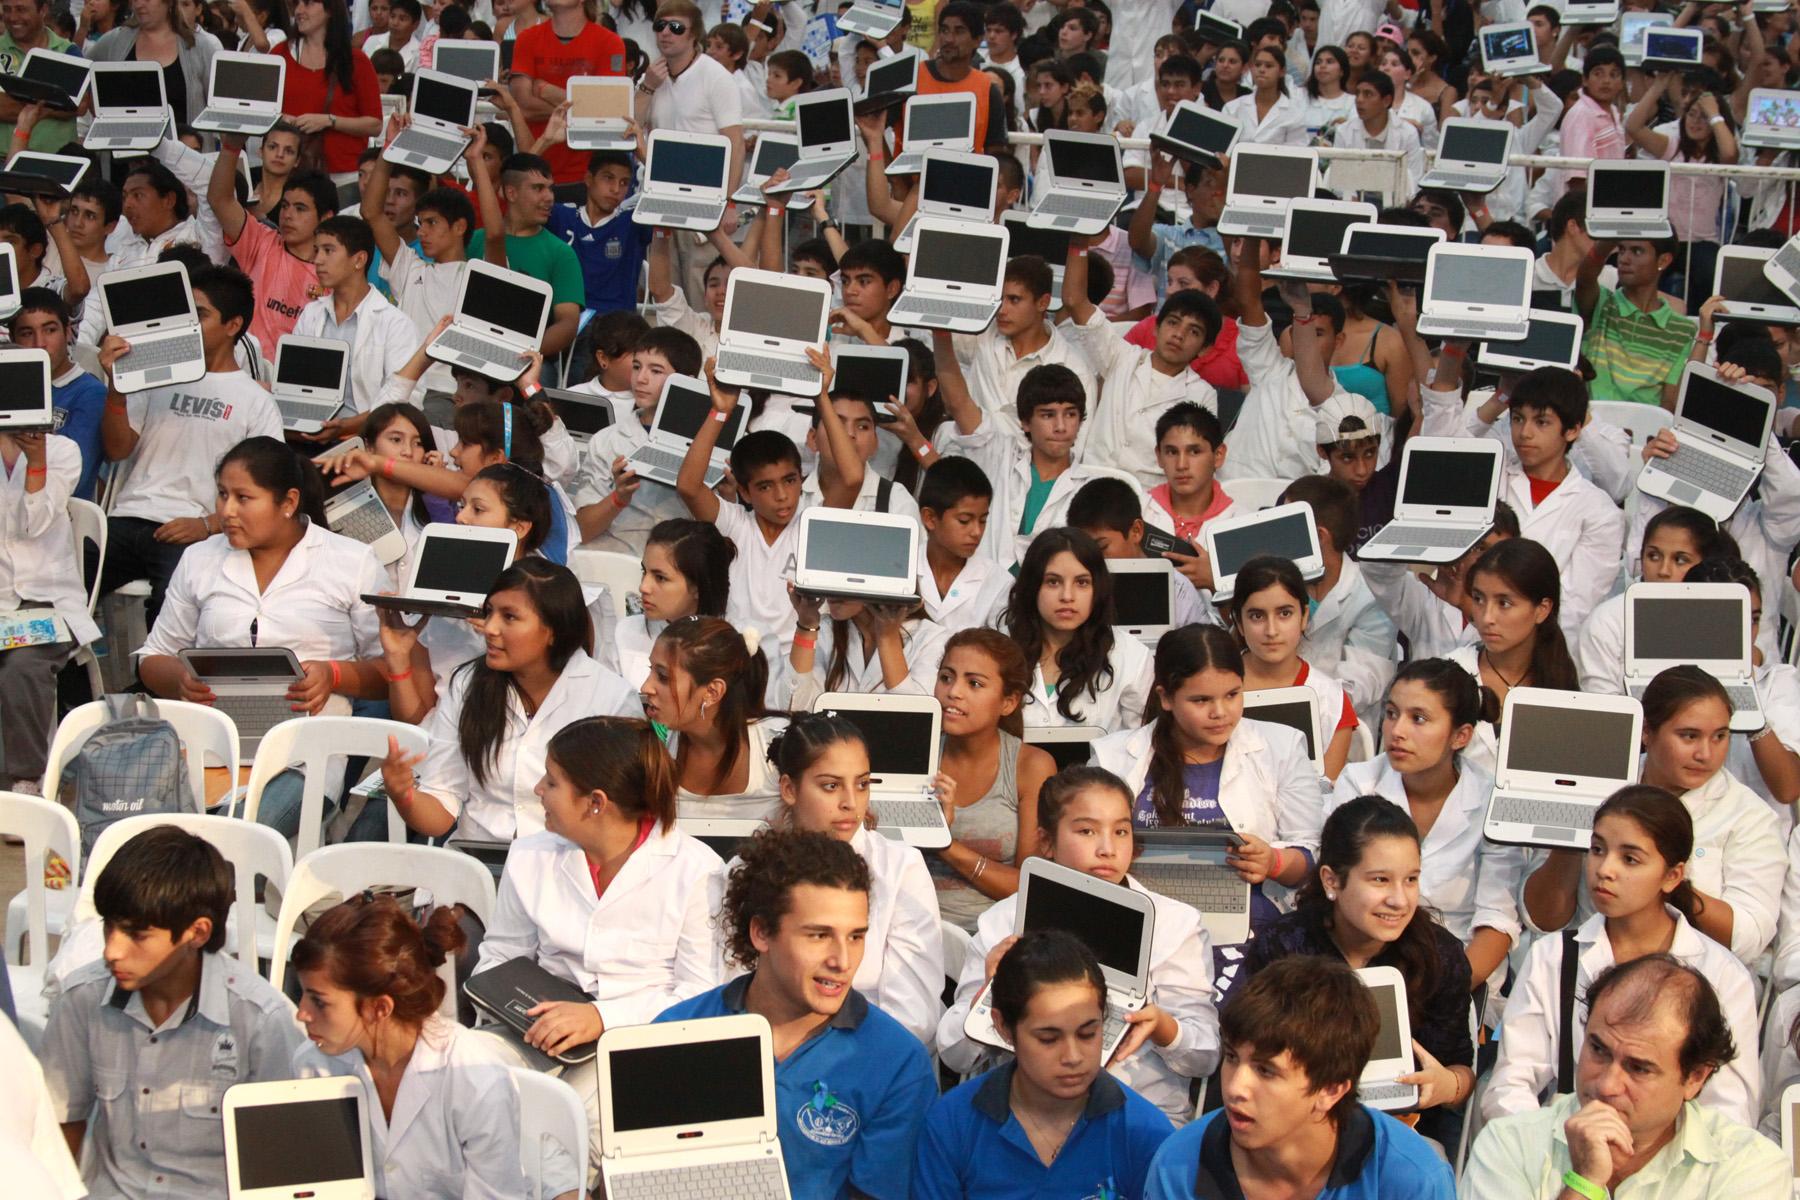 Presentan el sistema operativo libre de Conectar Igualdad para escuelas